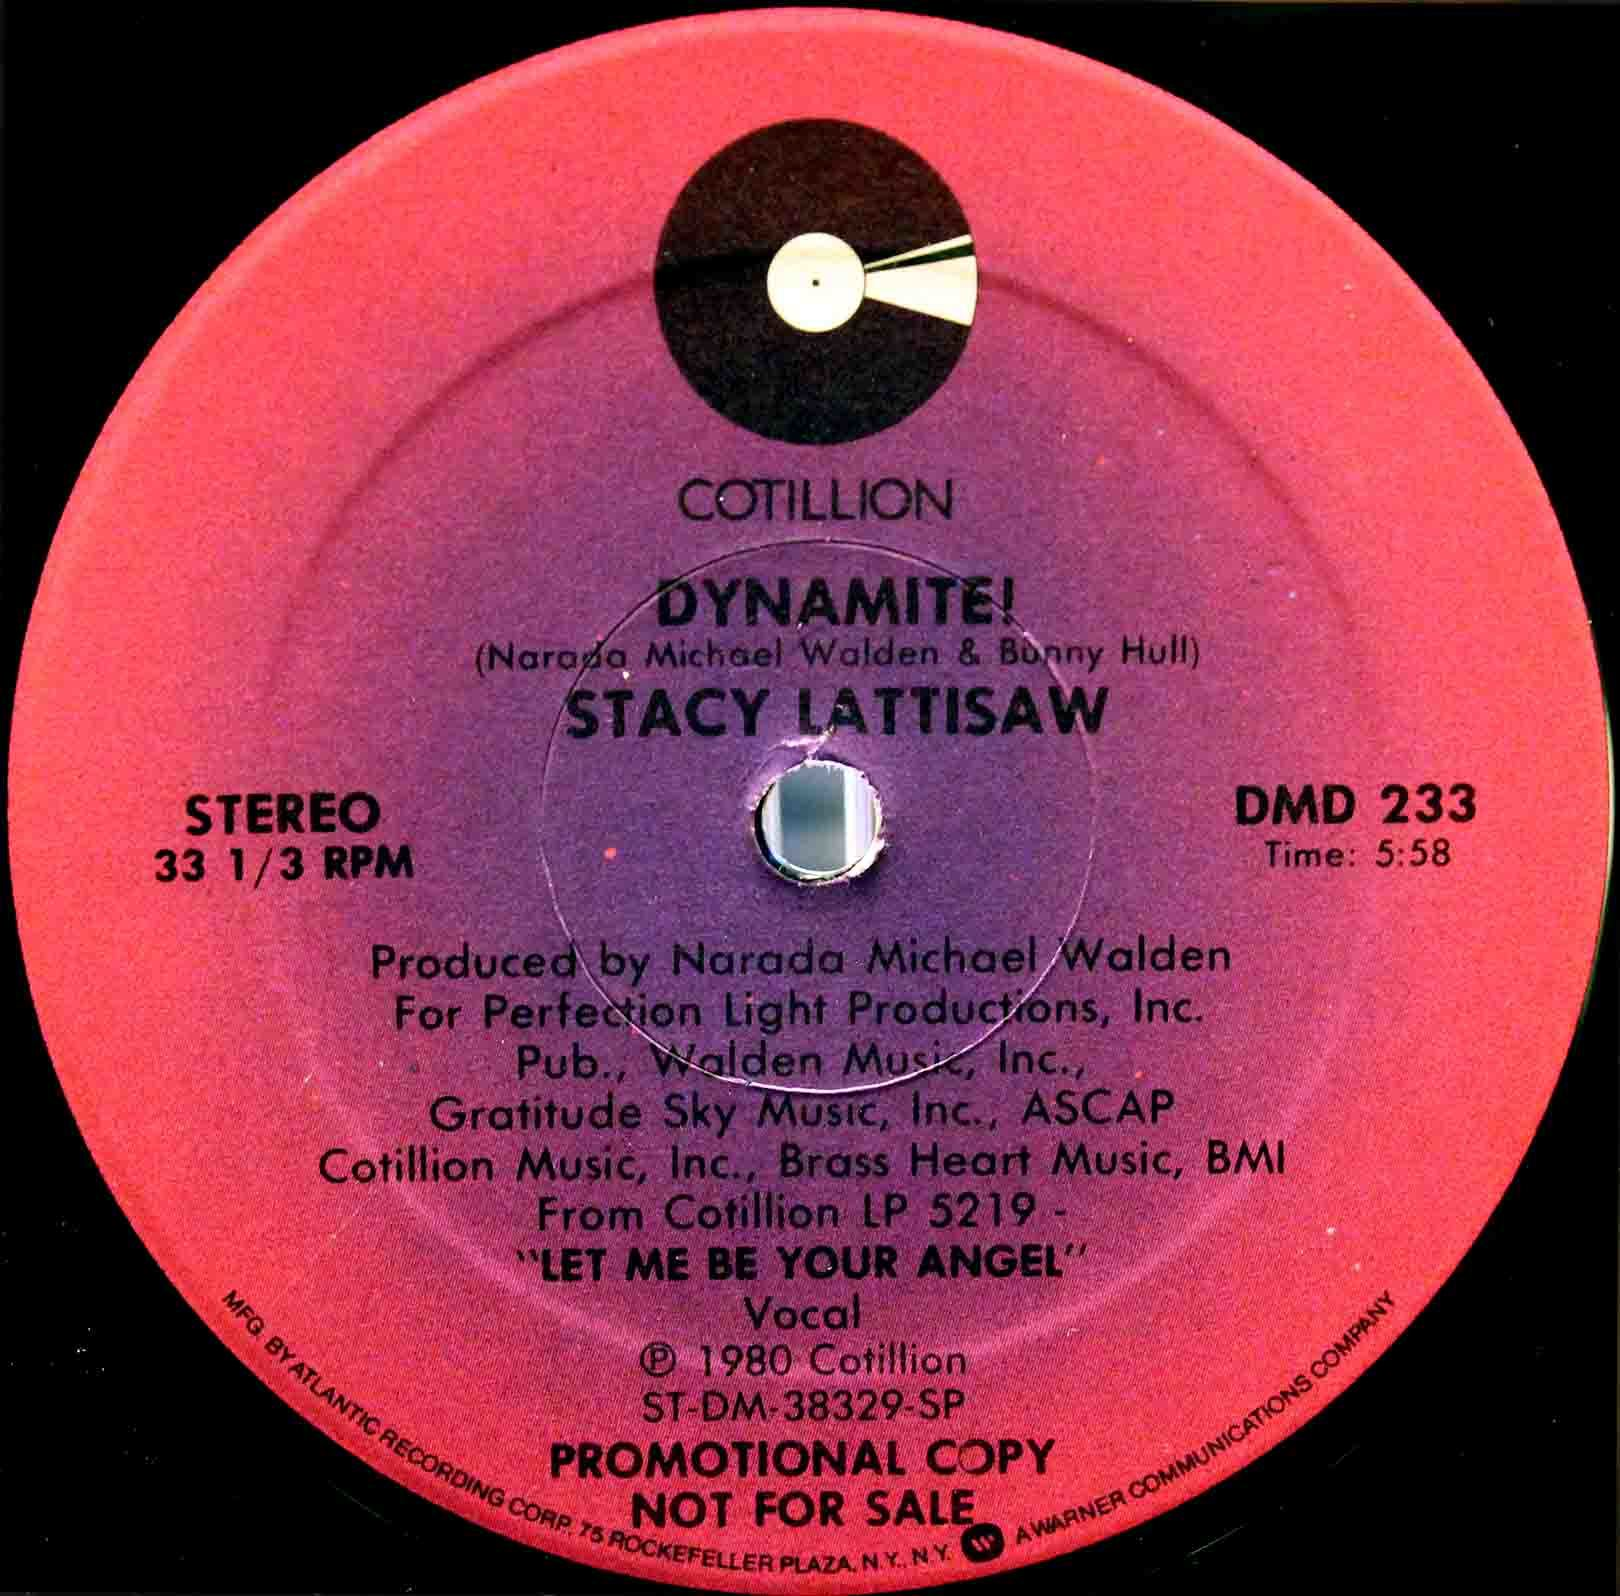 Stacy Lattisaw - Dynamite 02